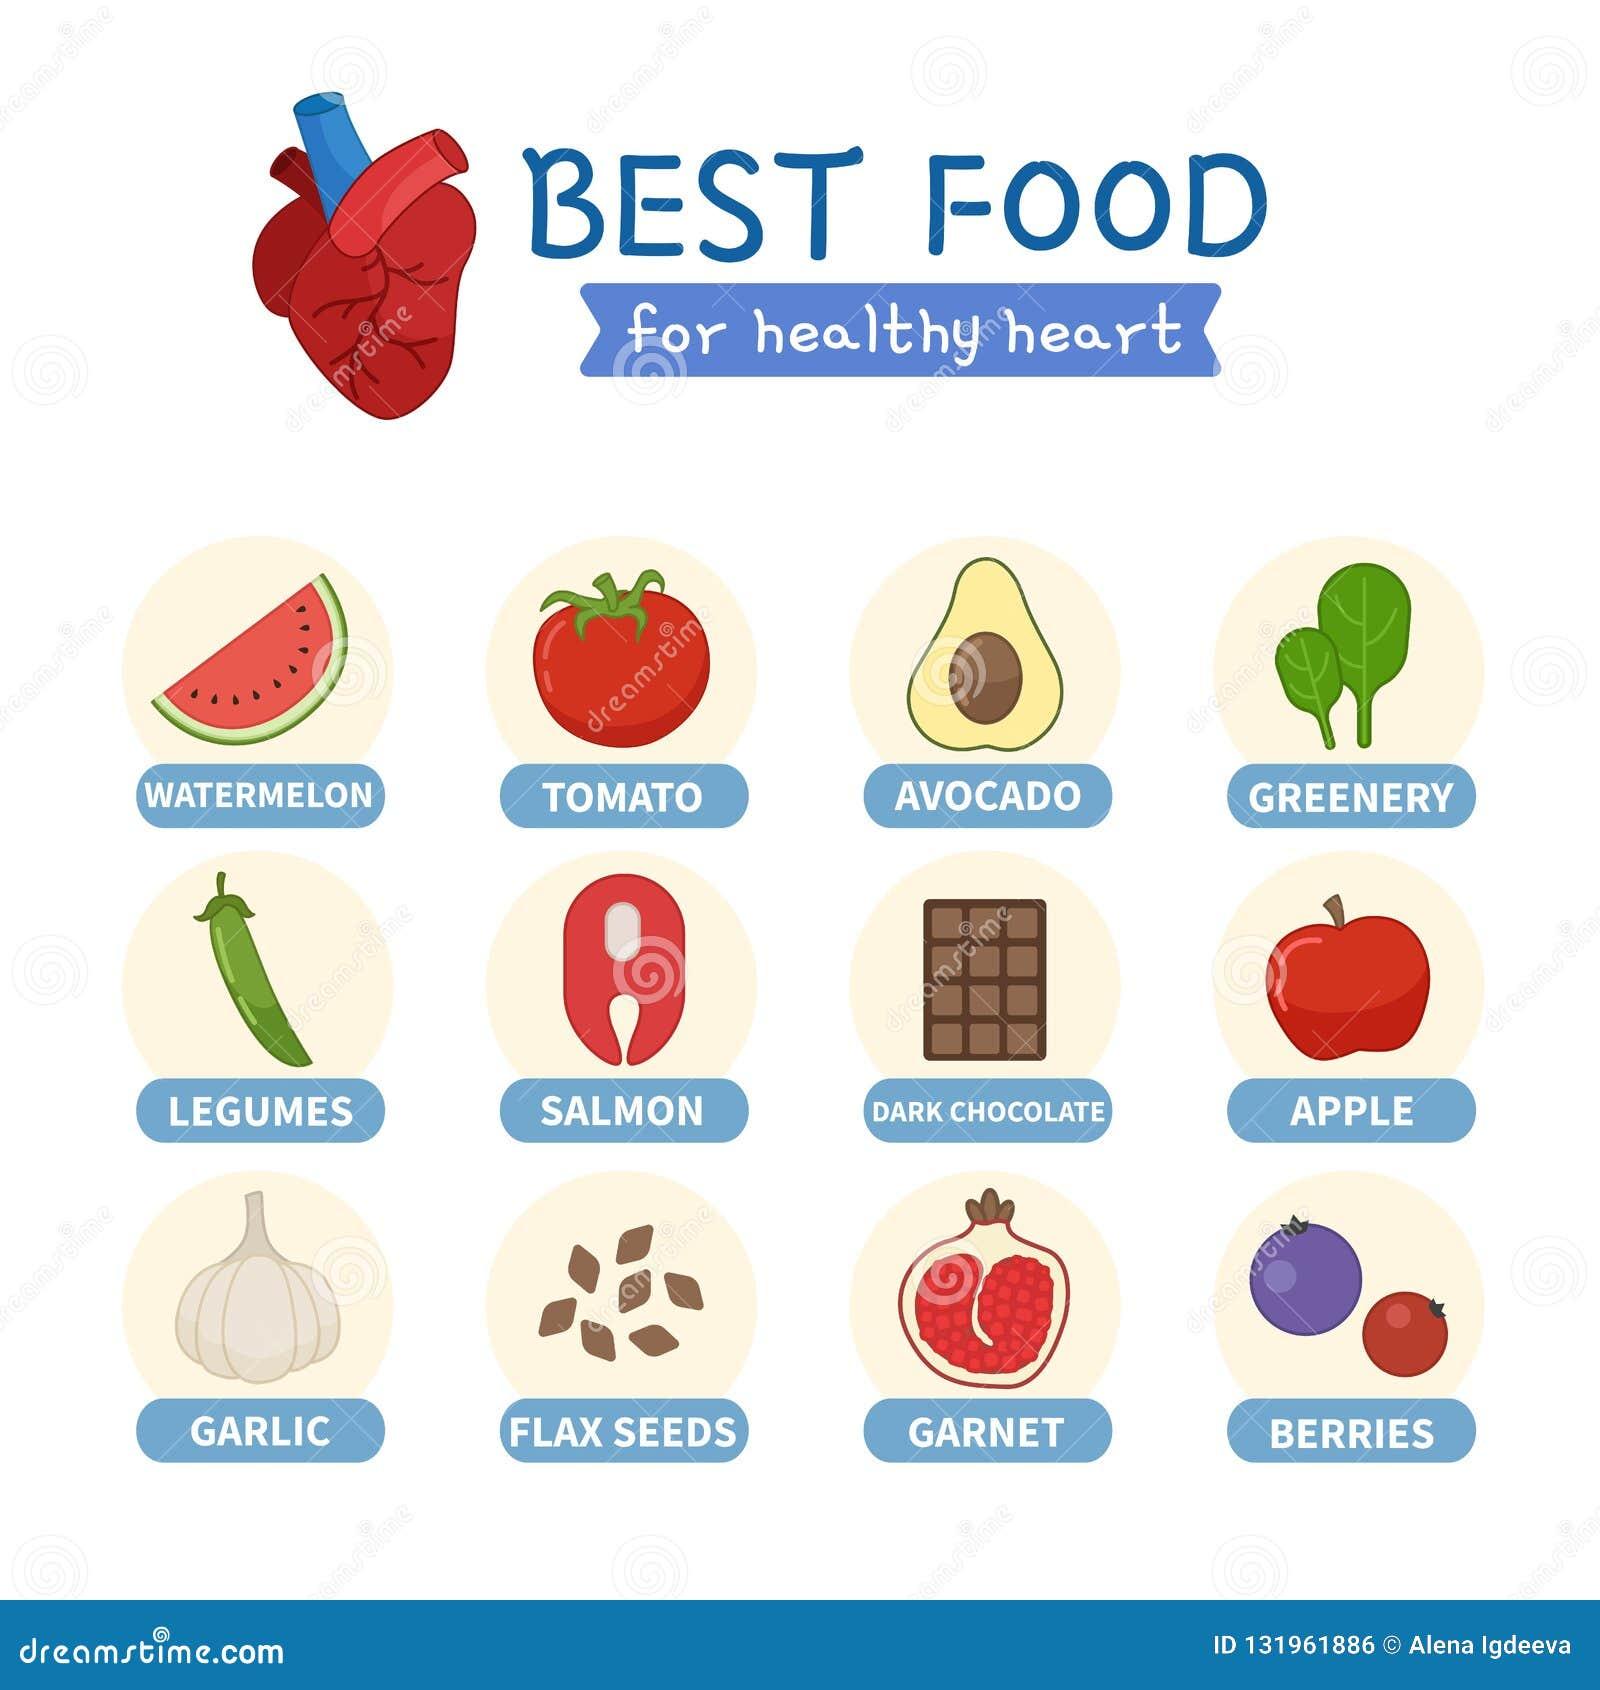 Superfoods di Inforraphic per cuore sano